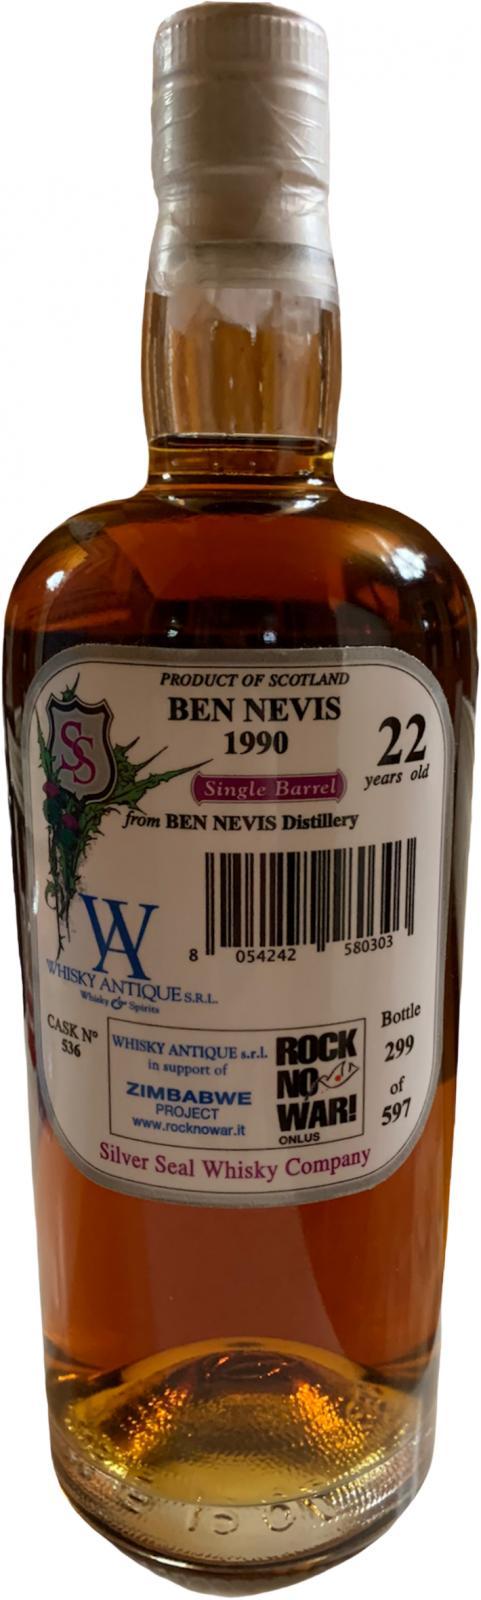 Ben Nevis 1990 SS